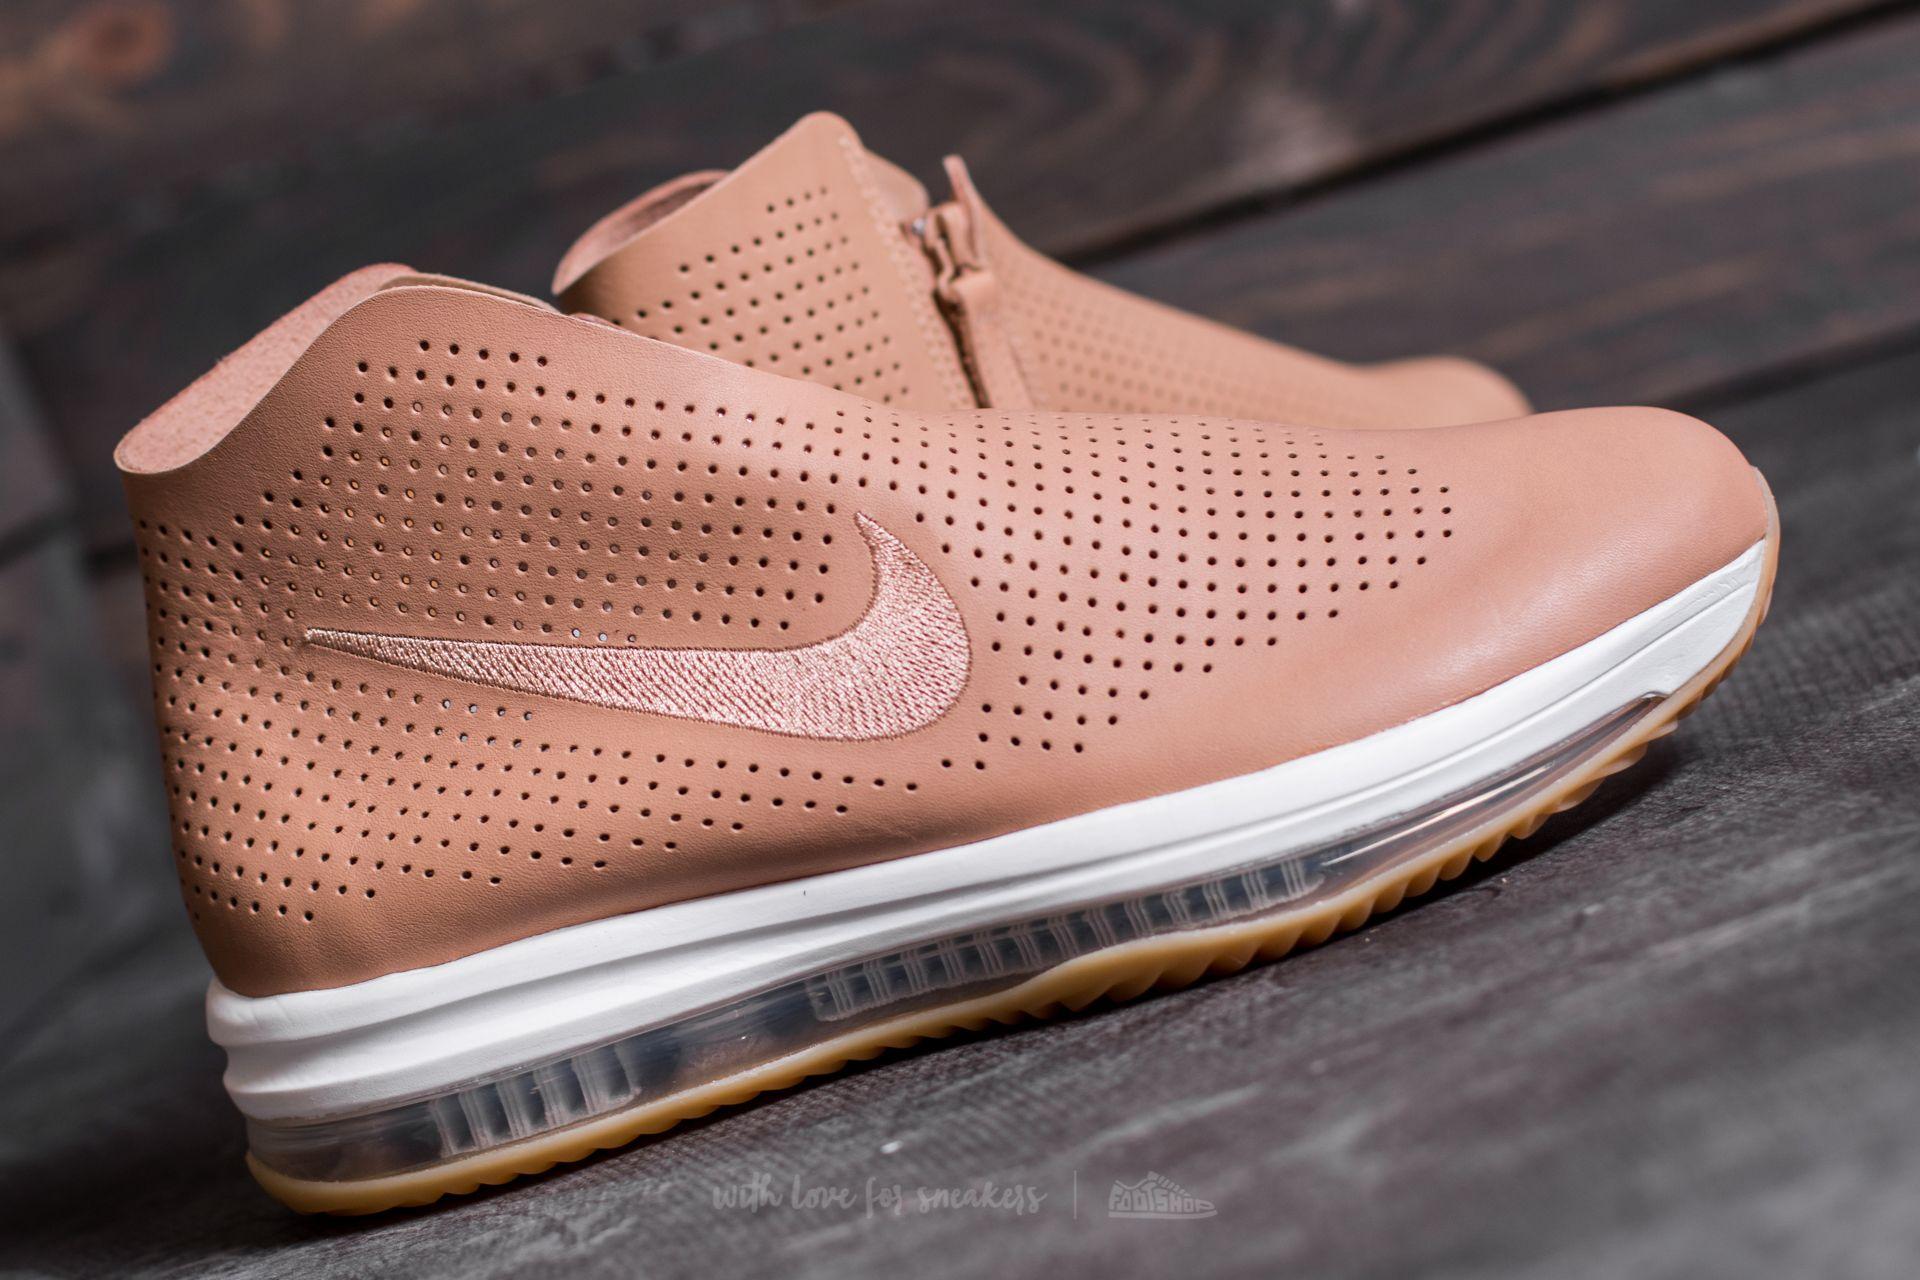 Nike W Zoom Modairna Vachetta Tan Vachetta Tan Sail | Footshop